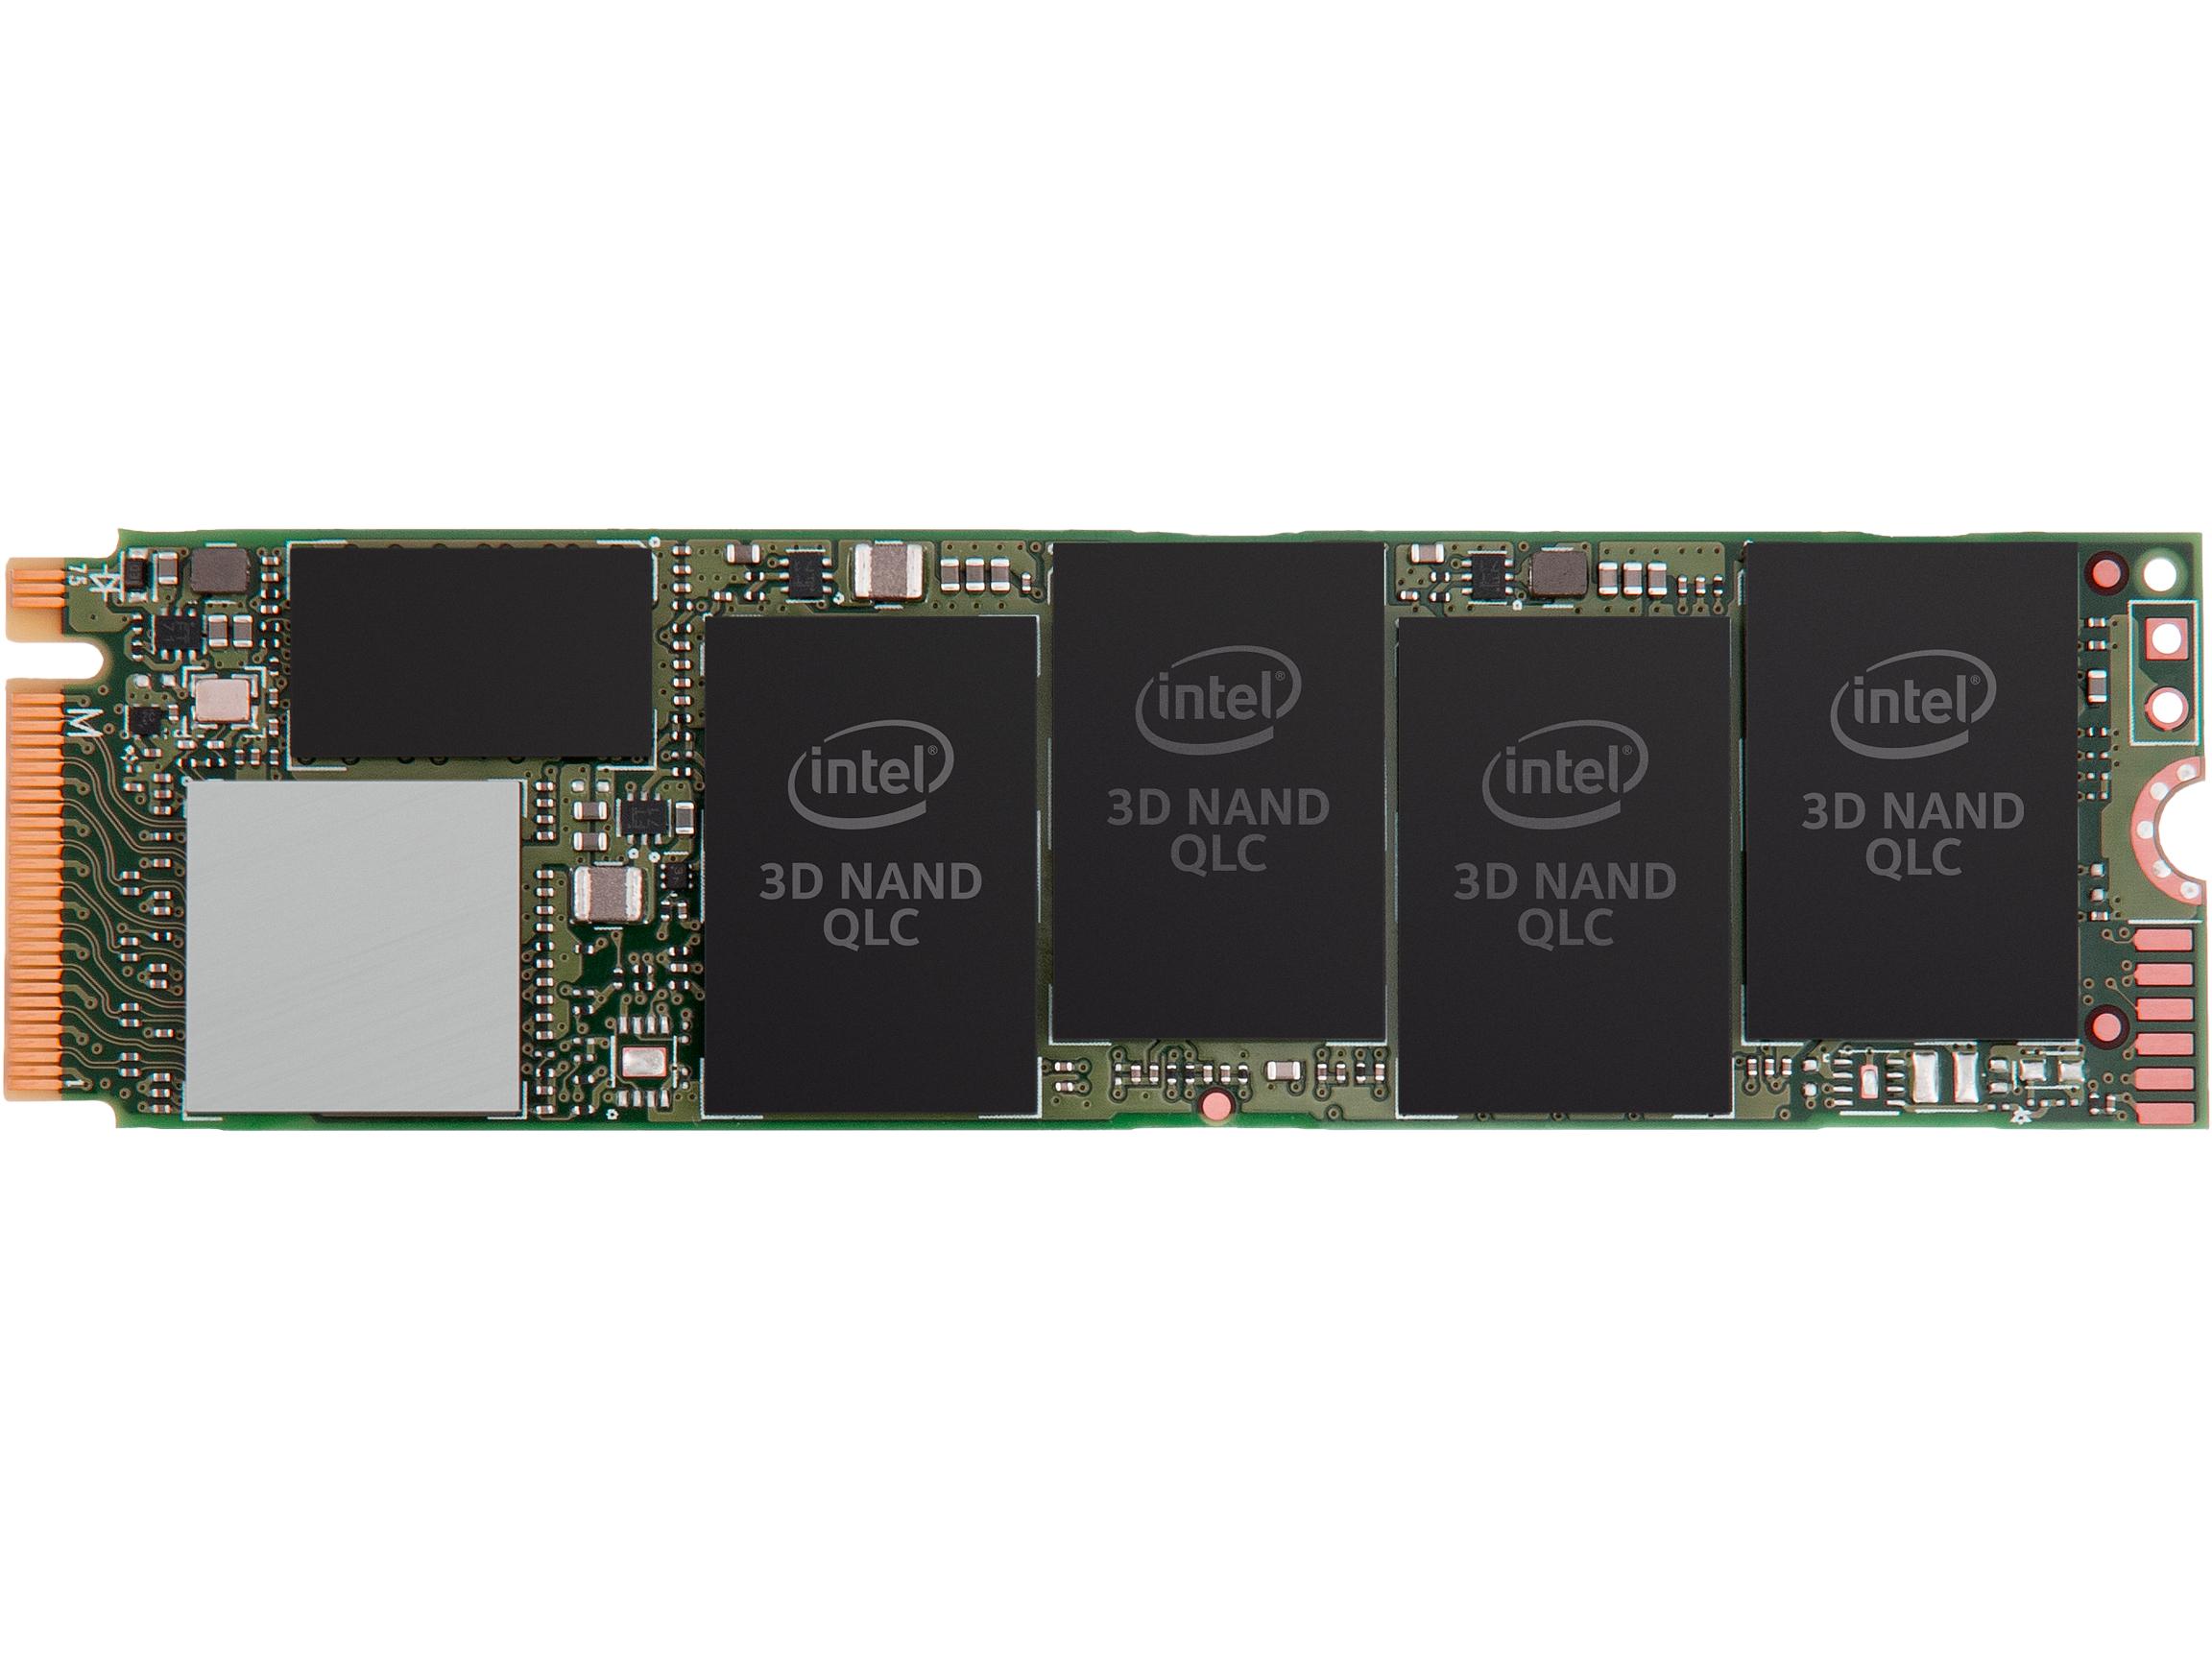 Intel 665p Series M.2 2280 1TB PCIe NVMe 3.0 x4 3D3 Internal Solid State Drive (SSD) SSDPEKNW010T9X1